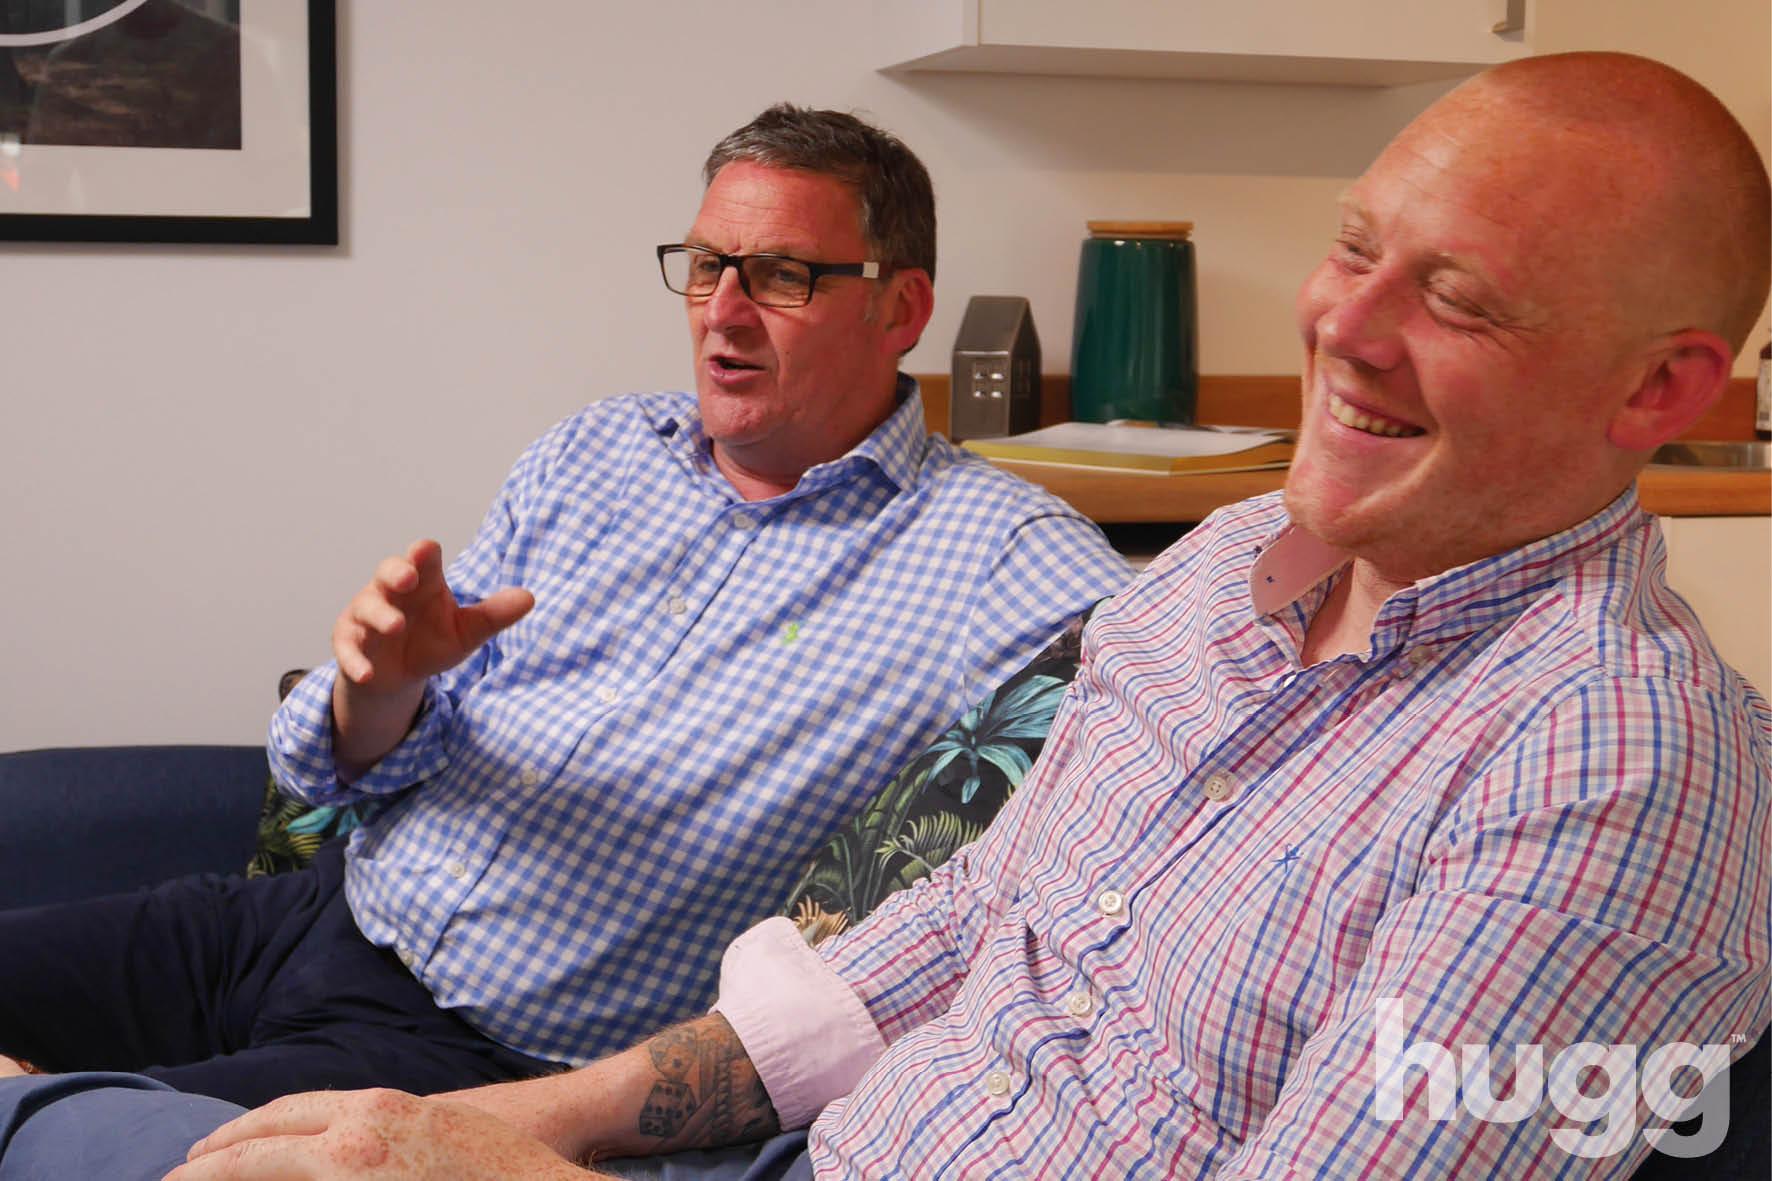 hugg_homes_residents_Alan & Luke Chorley_hugg_2.jpg